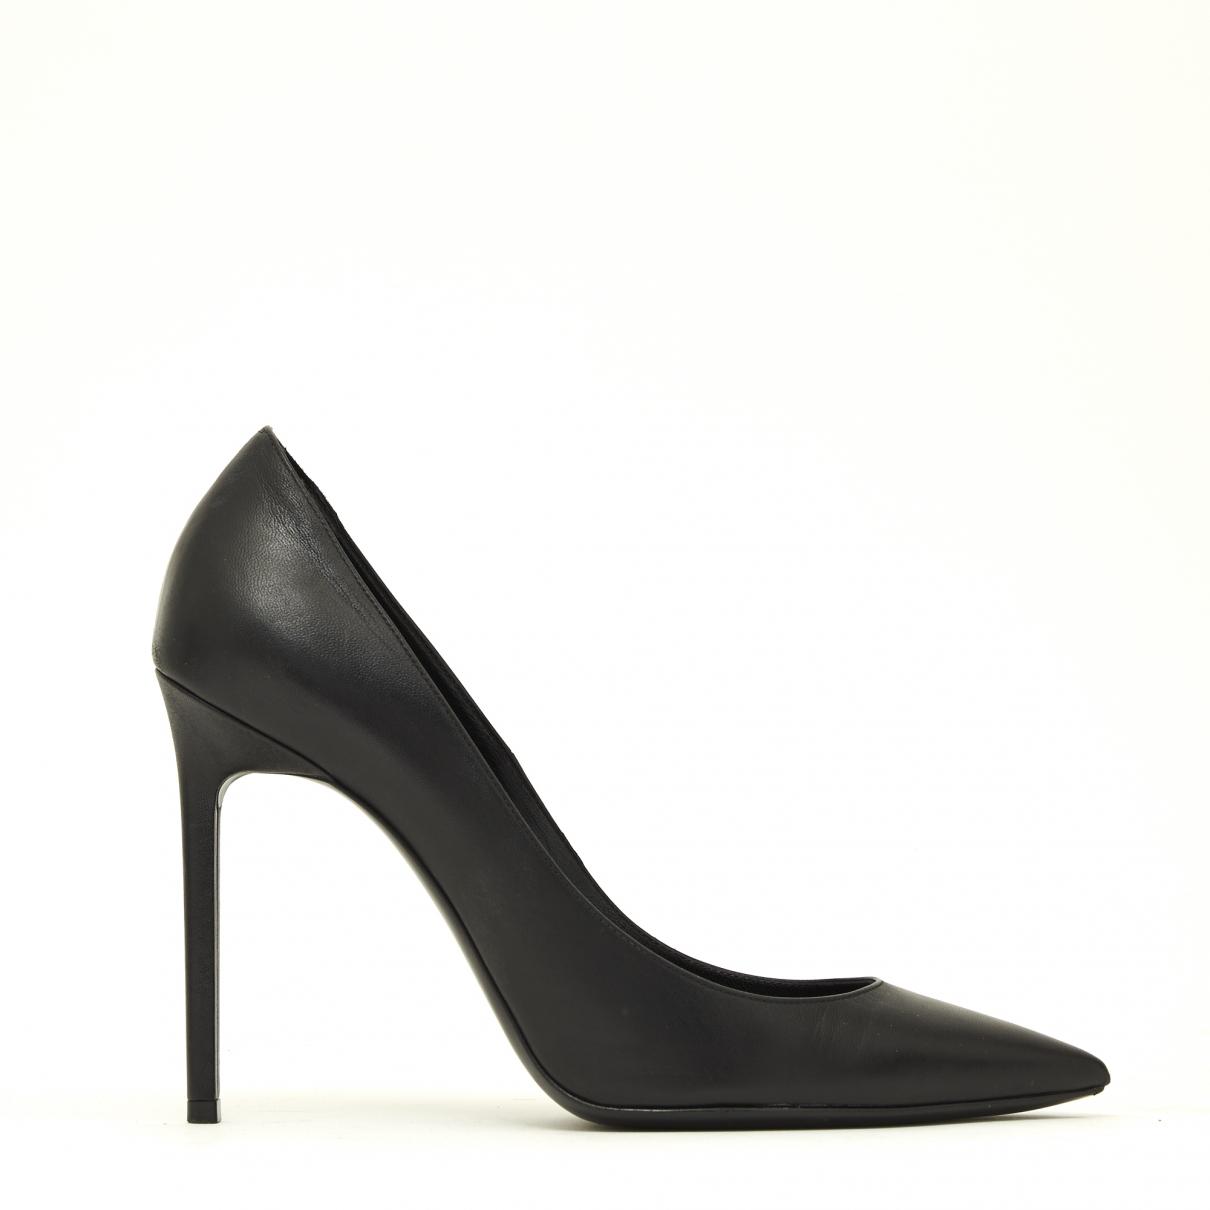 Saint Laurent Zoe Black Leather Heels for Women 40 EU